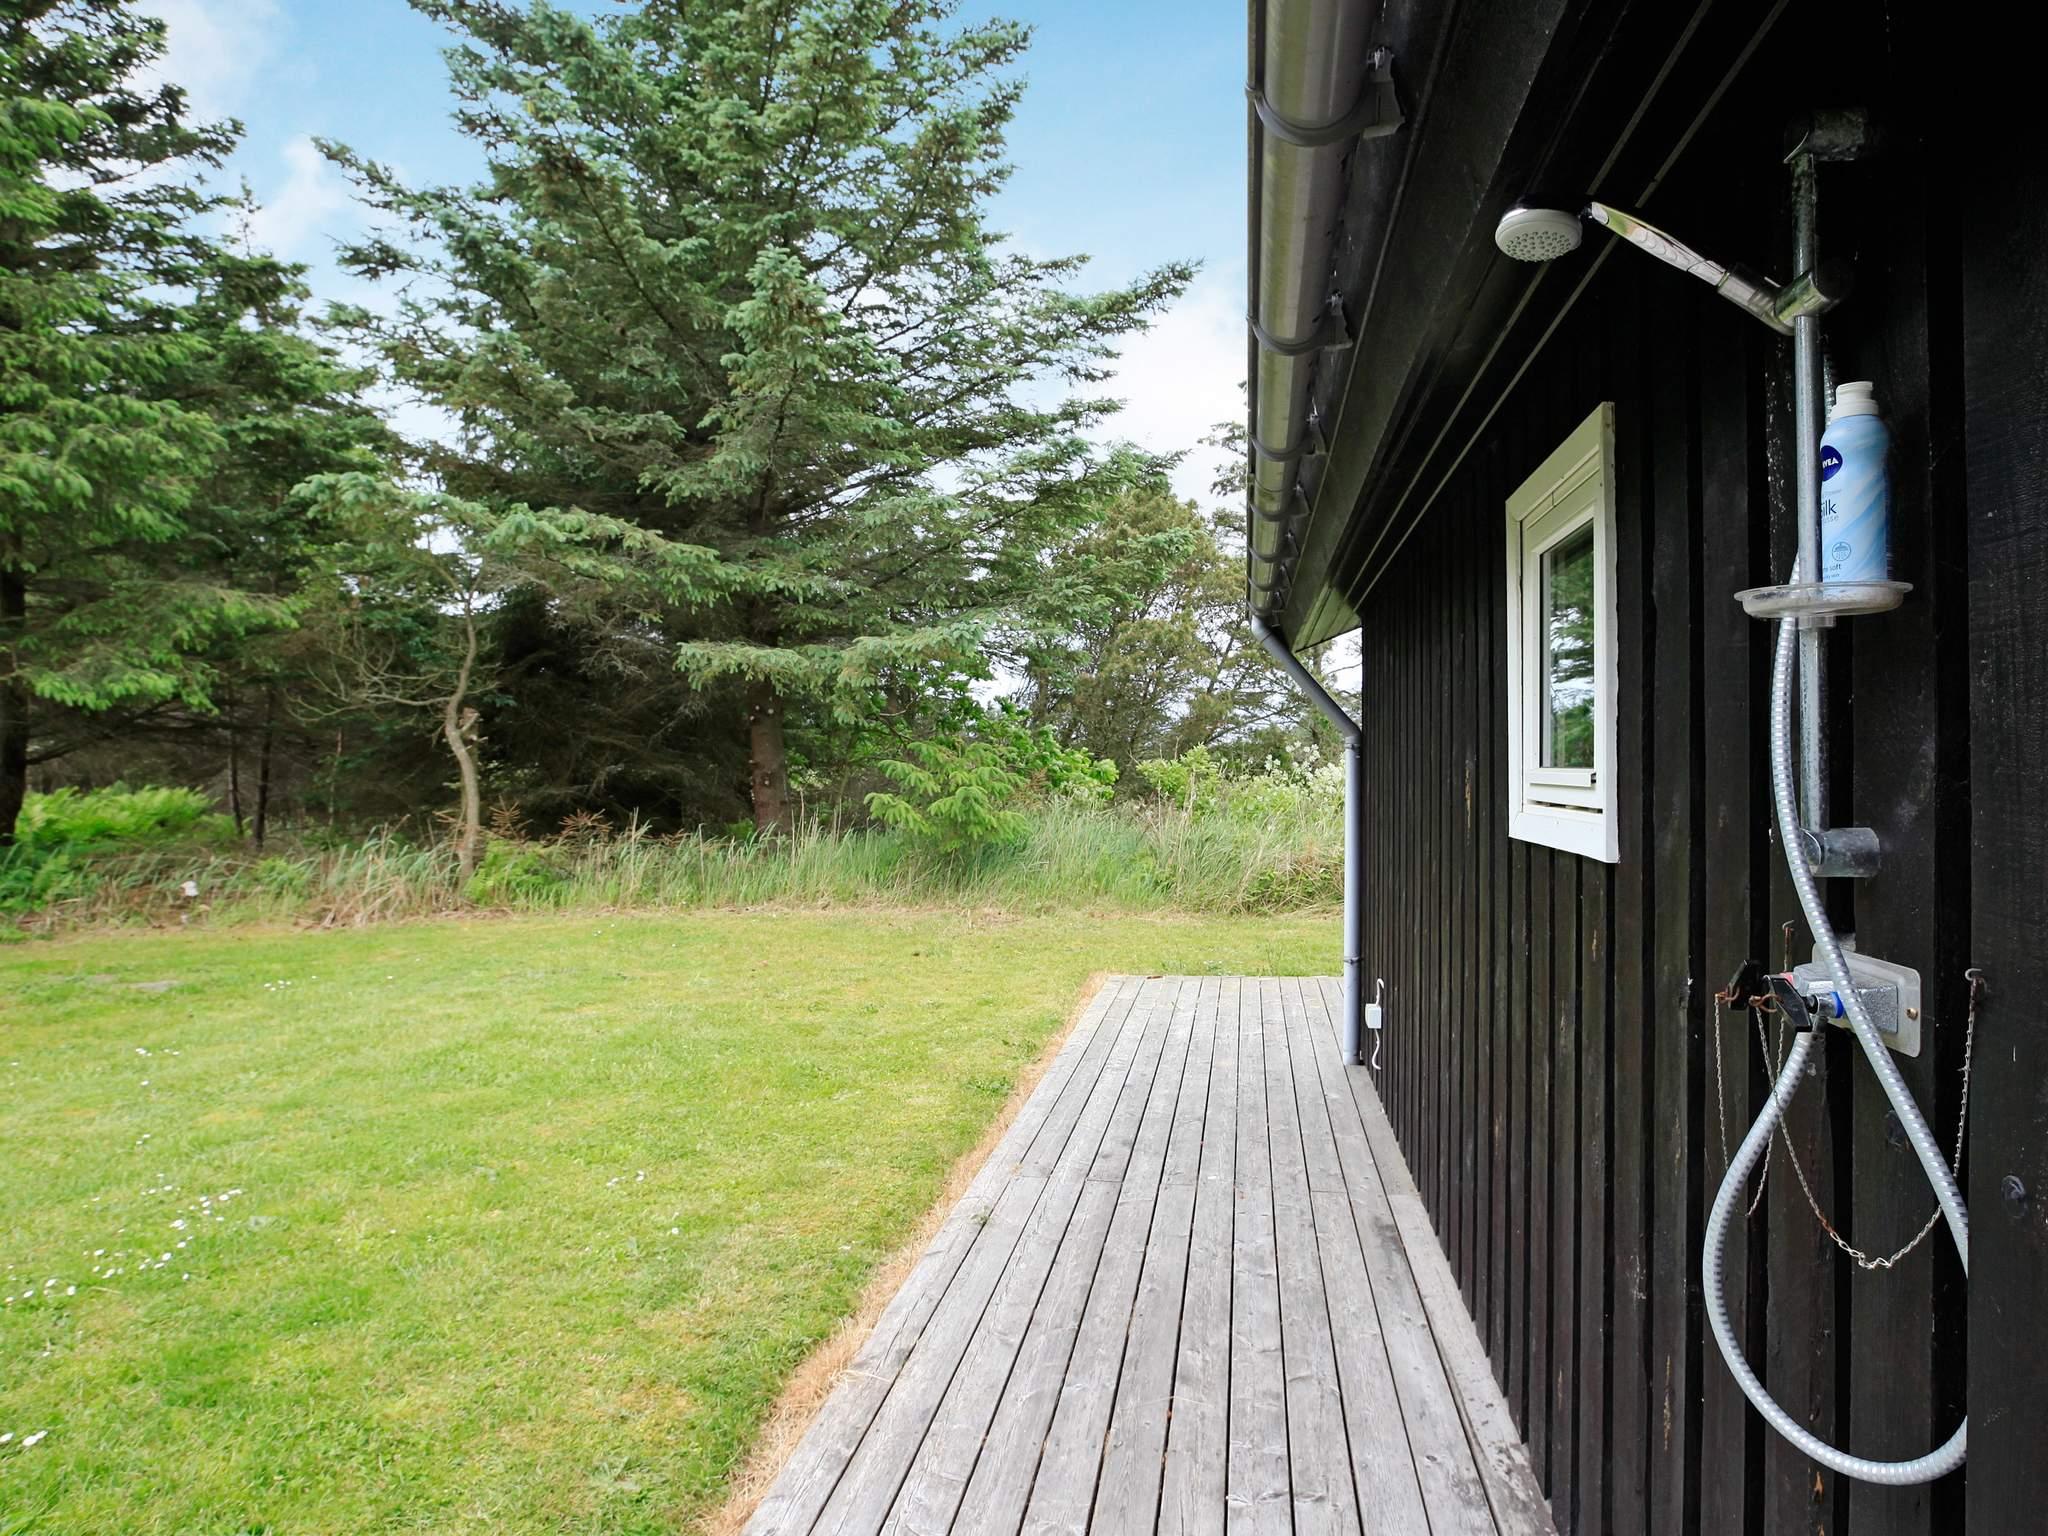 Ferienhaus Kjul Strand (808785), Hirtshals, , Nordwestjütland, Dänemark, Bild 23